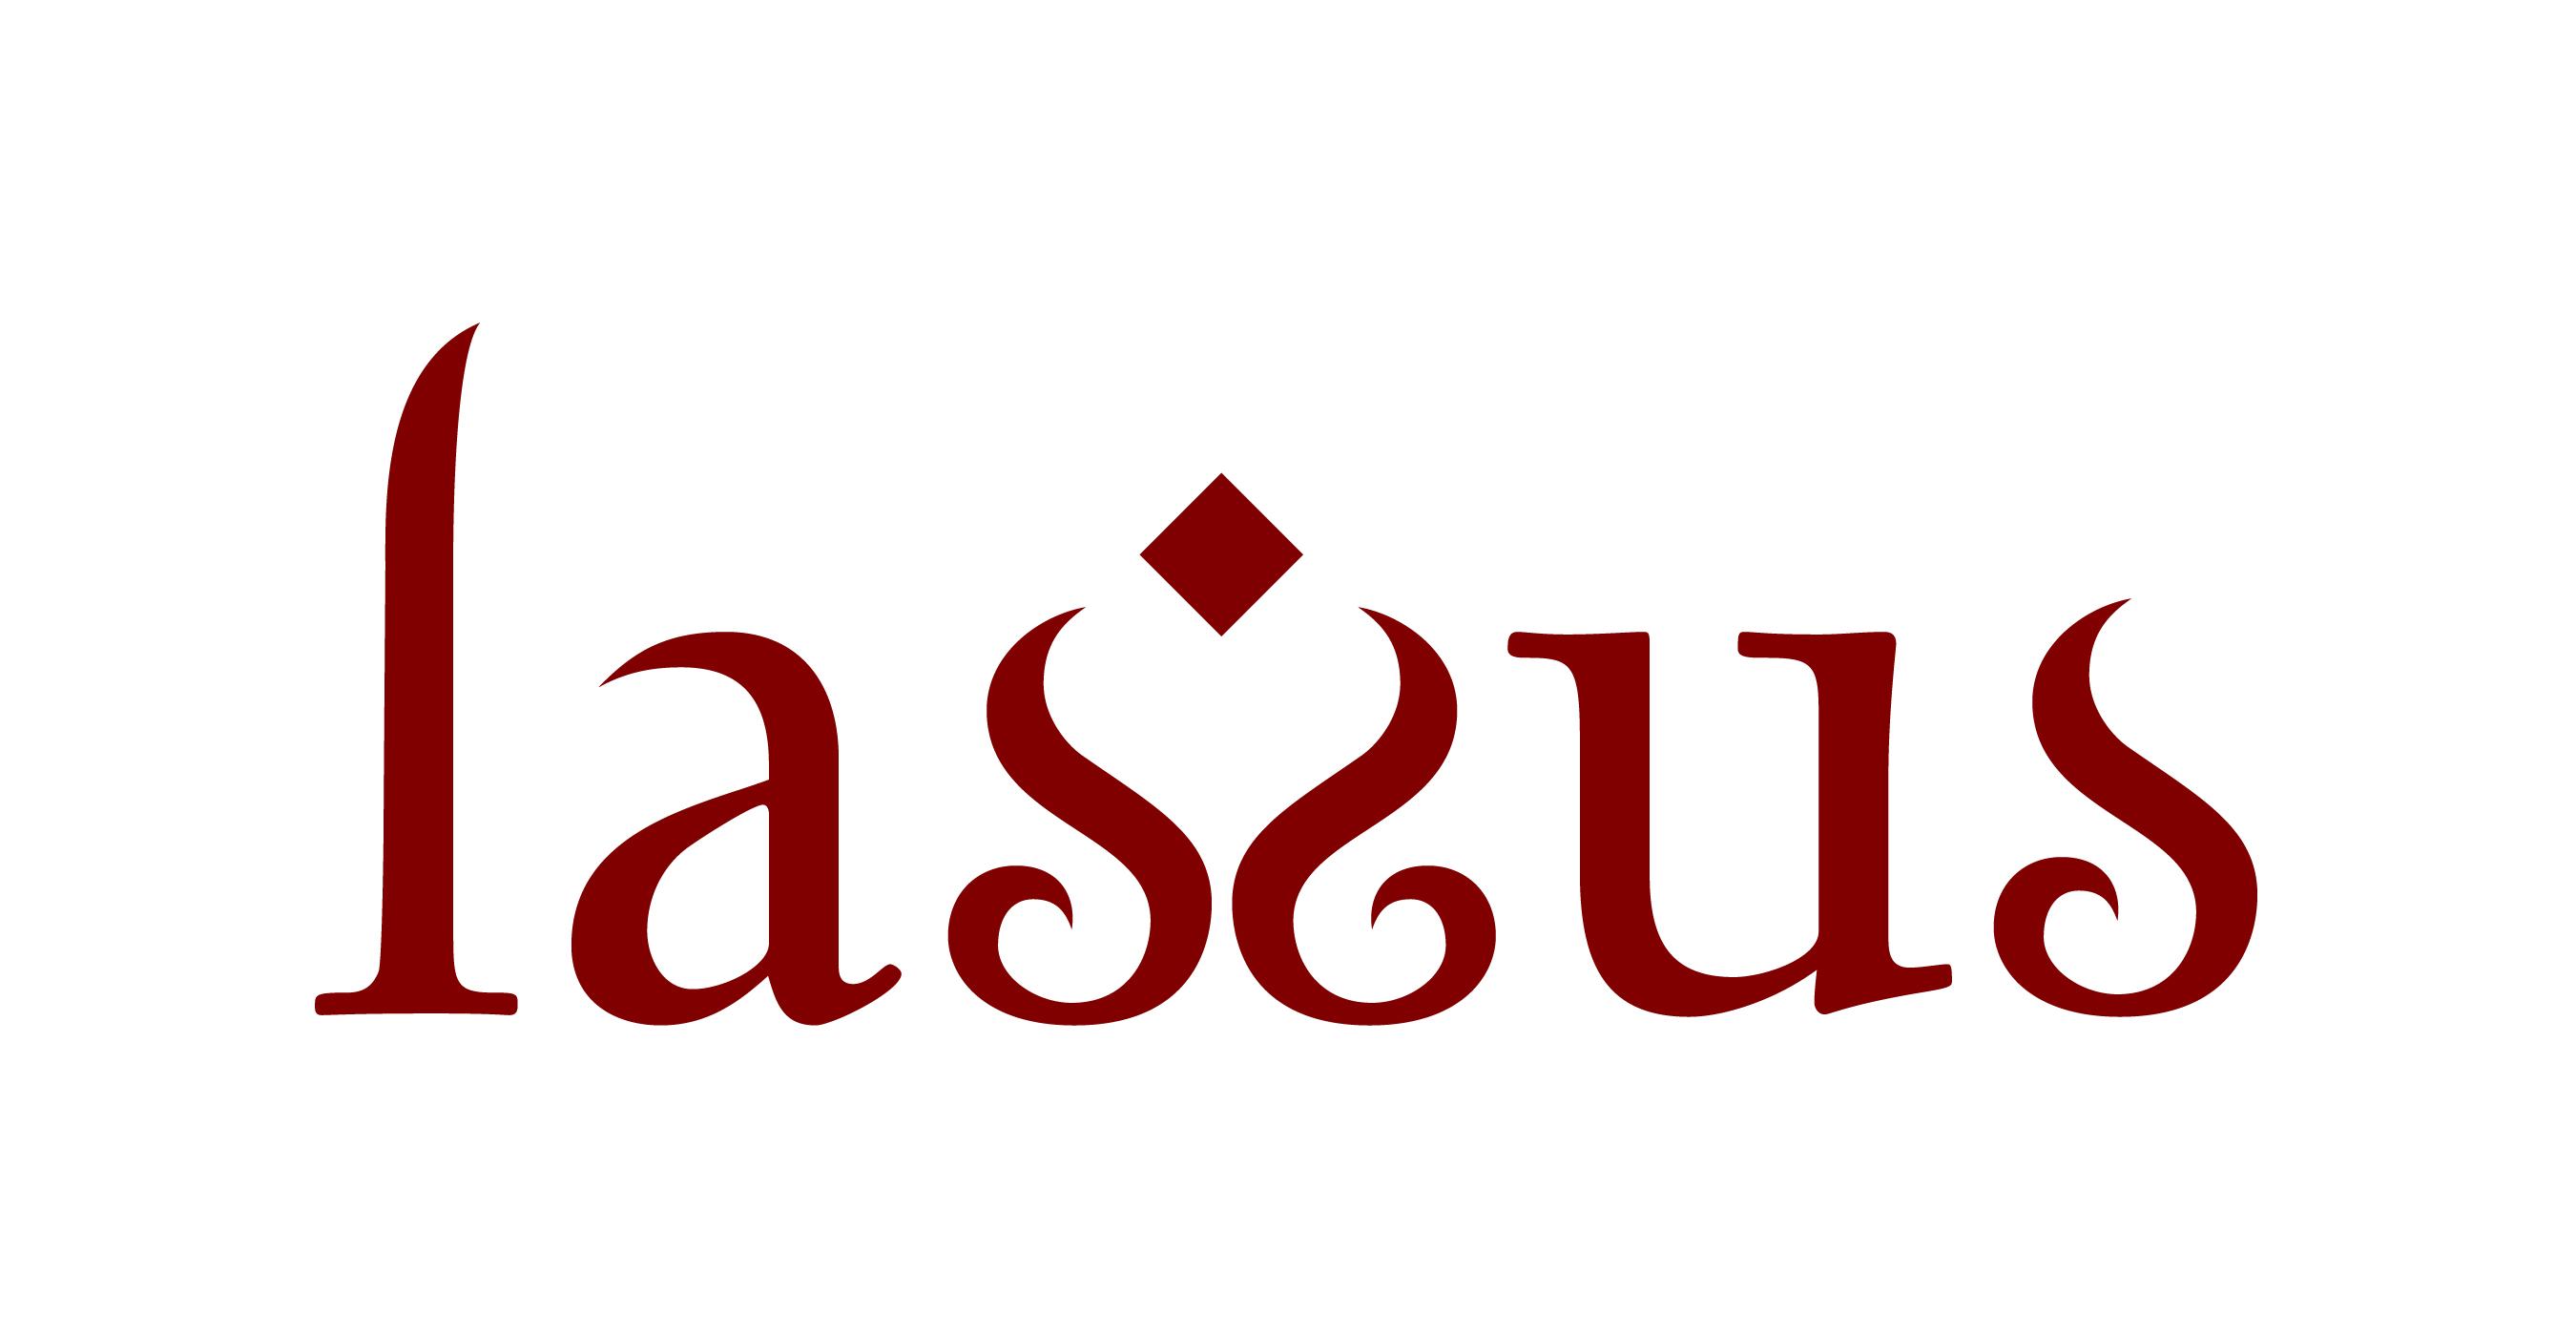 Lassus-logo-RGB-HI-RES-JPG